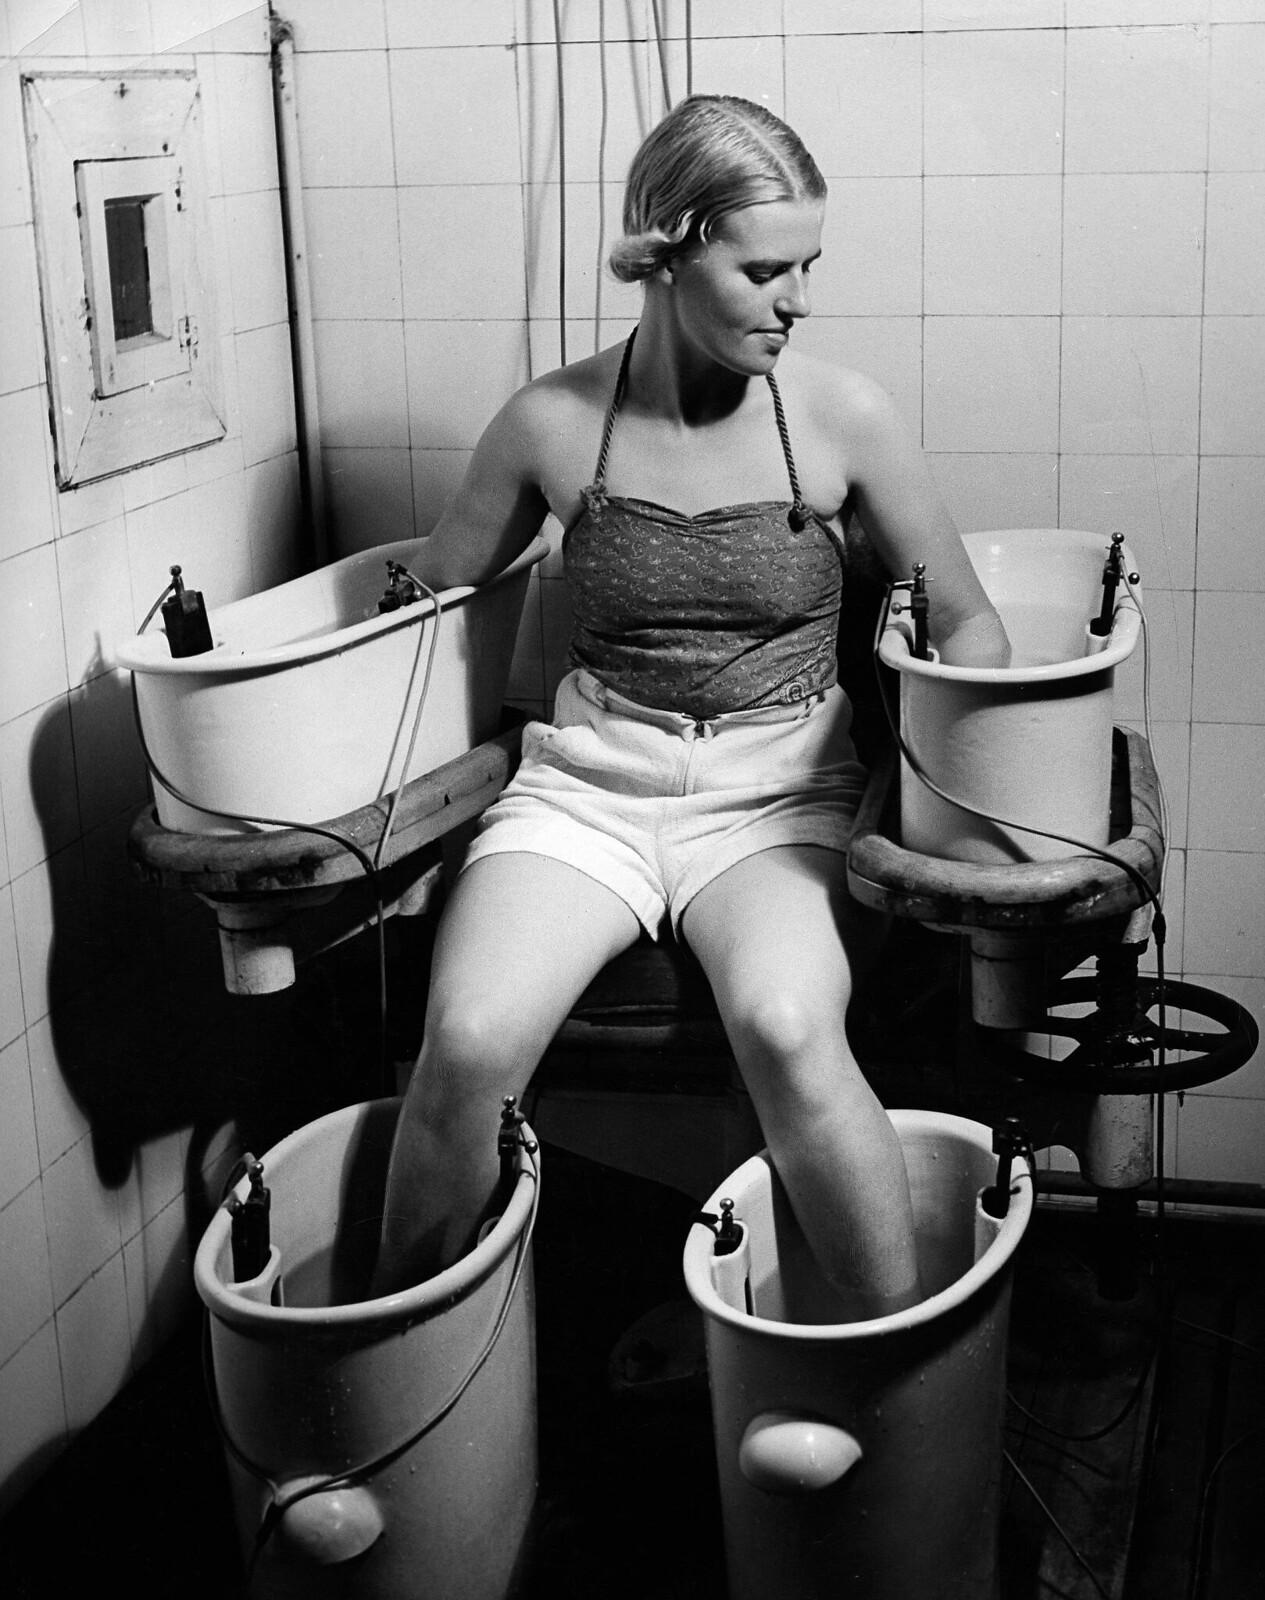 11. Четырехэлементная гальваническая ванна. Женщина держит руки и ноги в четырех электрических водных ваннах, эта процедура положительно влияет на кровообращение